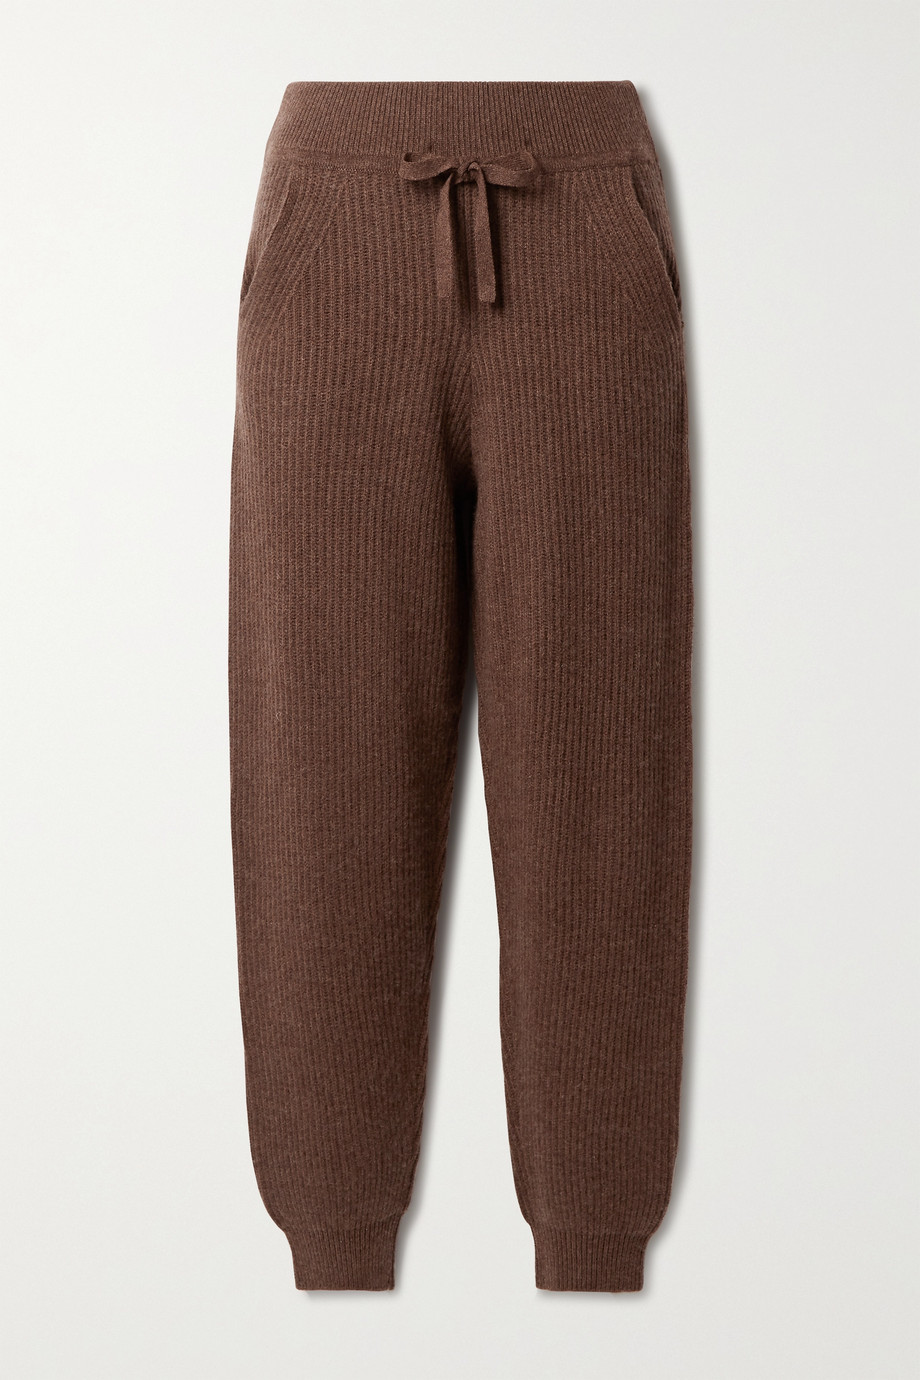 rag & bone Pantalon de survêtement en cachemire côtelé Pierce